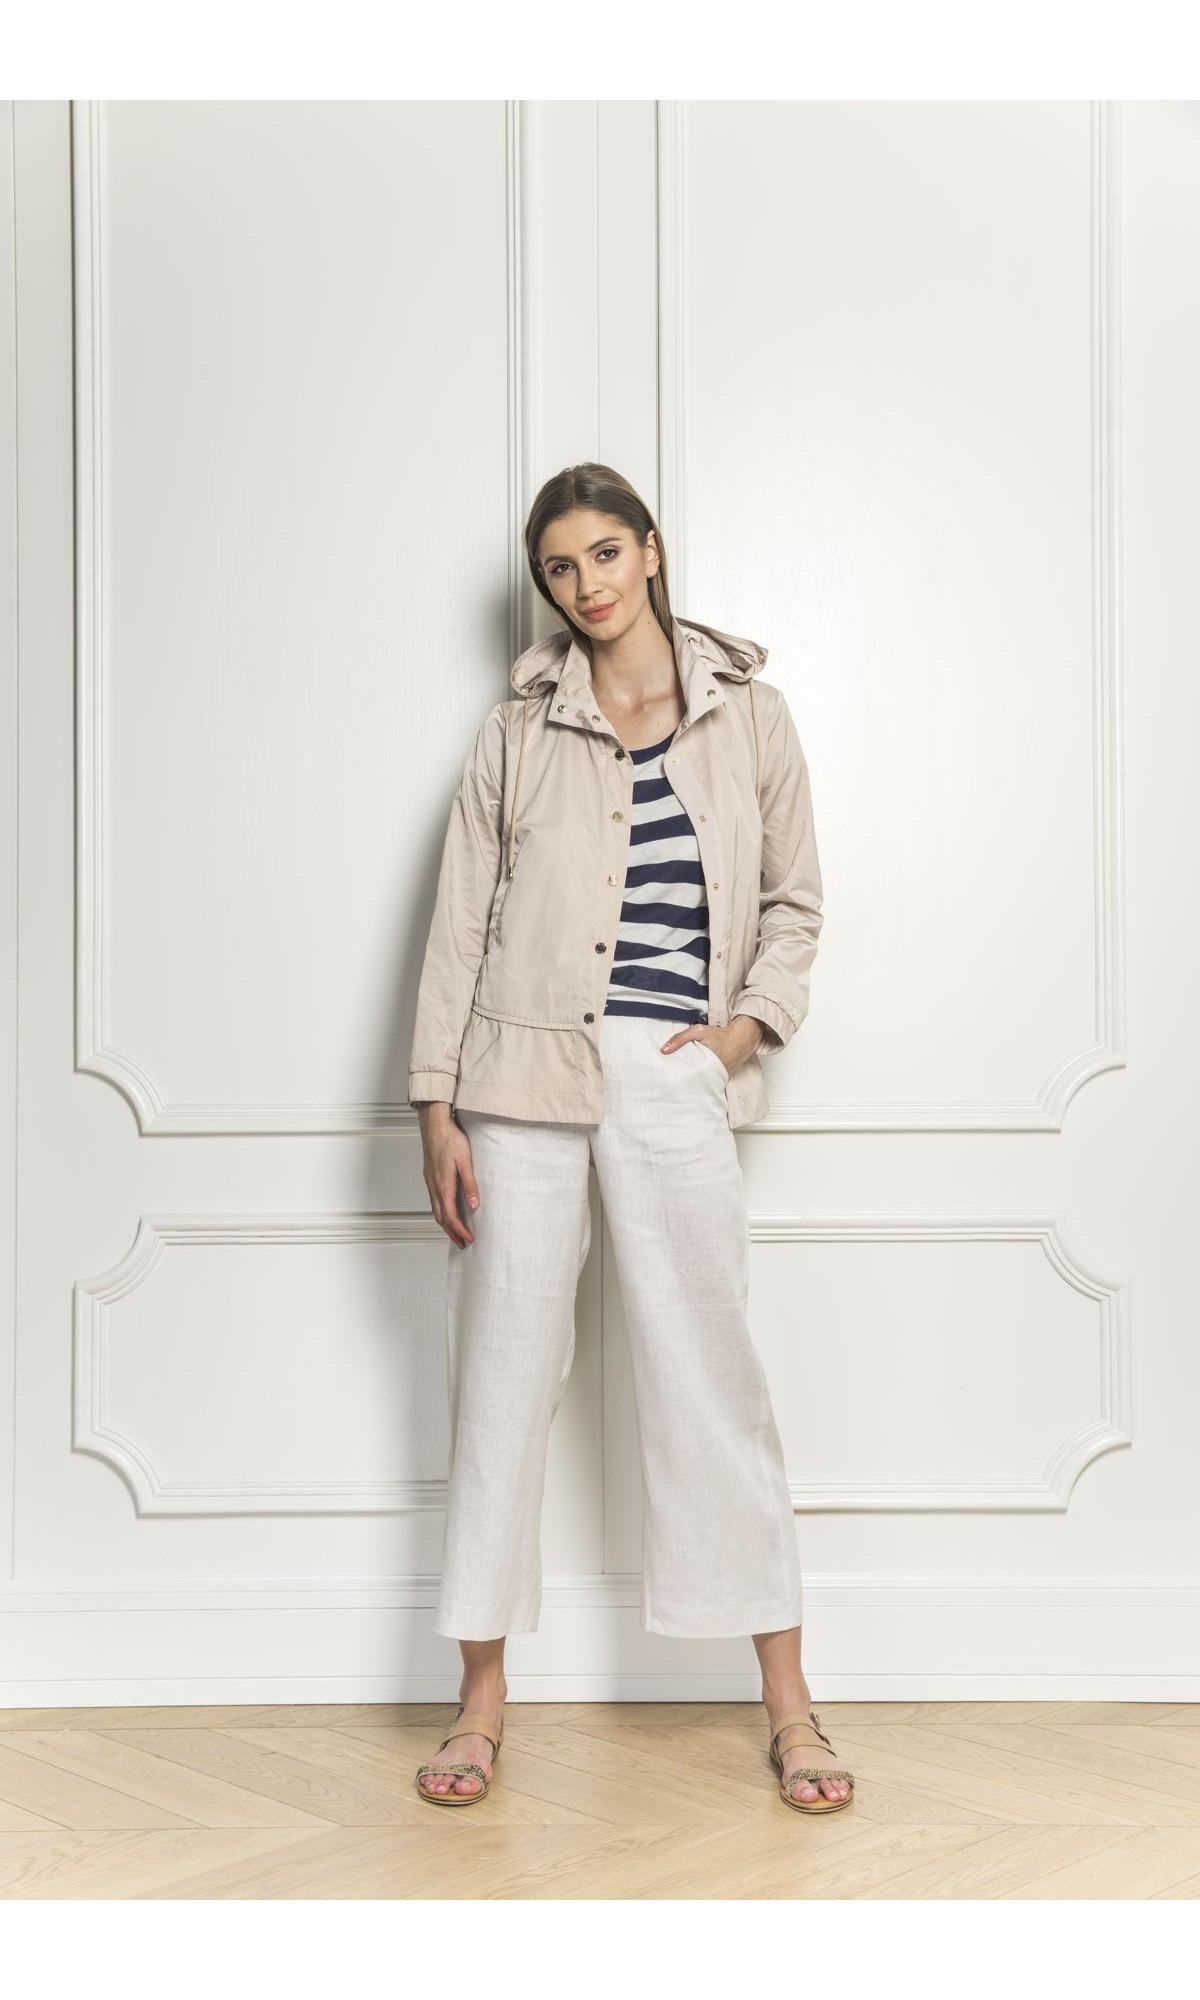 43c8d67120b58 Odzież dla kobiet - Oficjalny sklep Tiffi